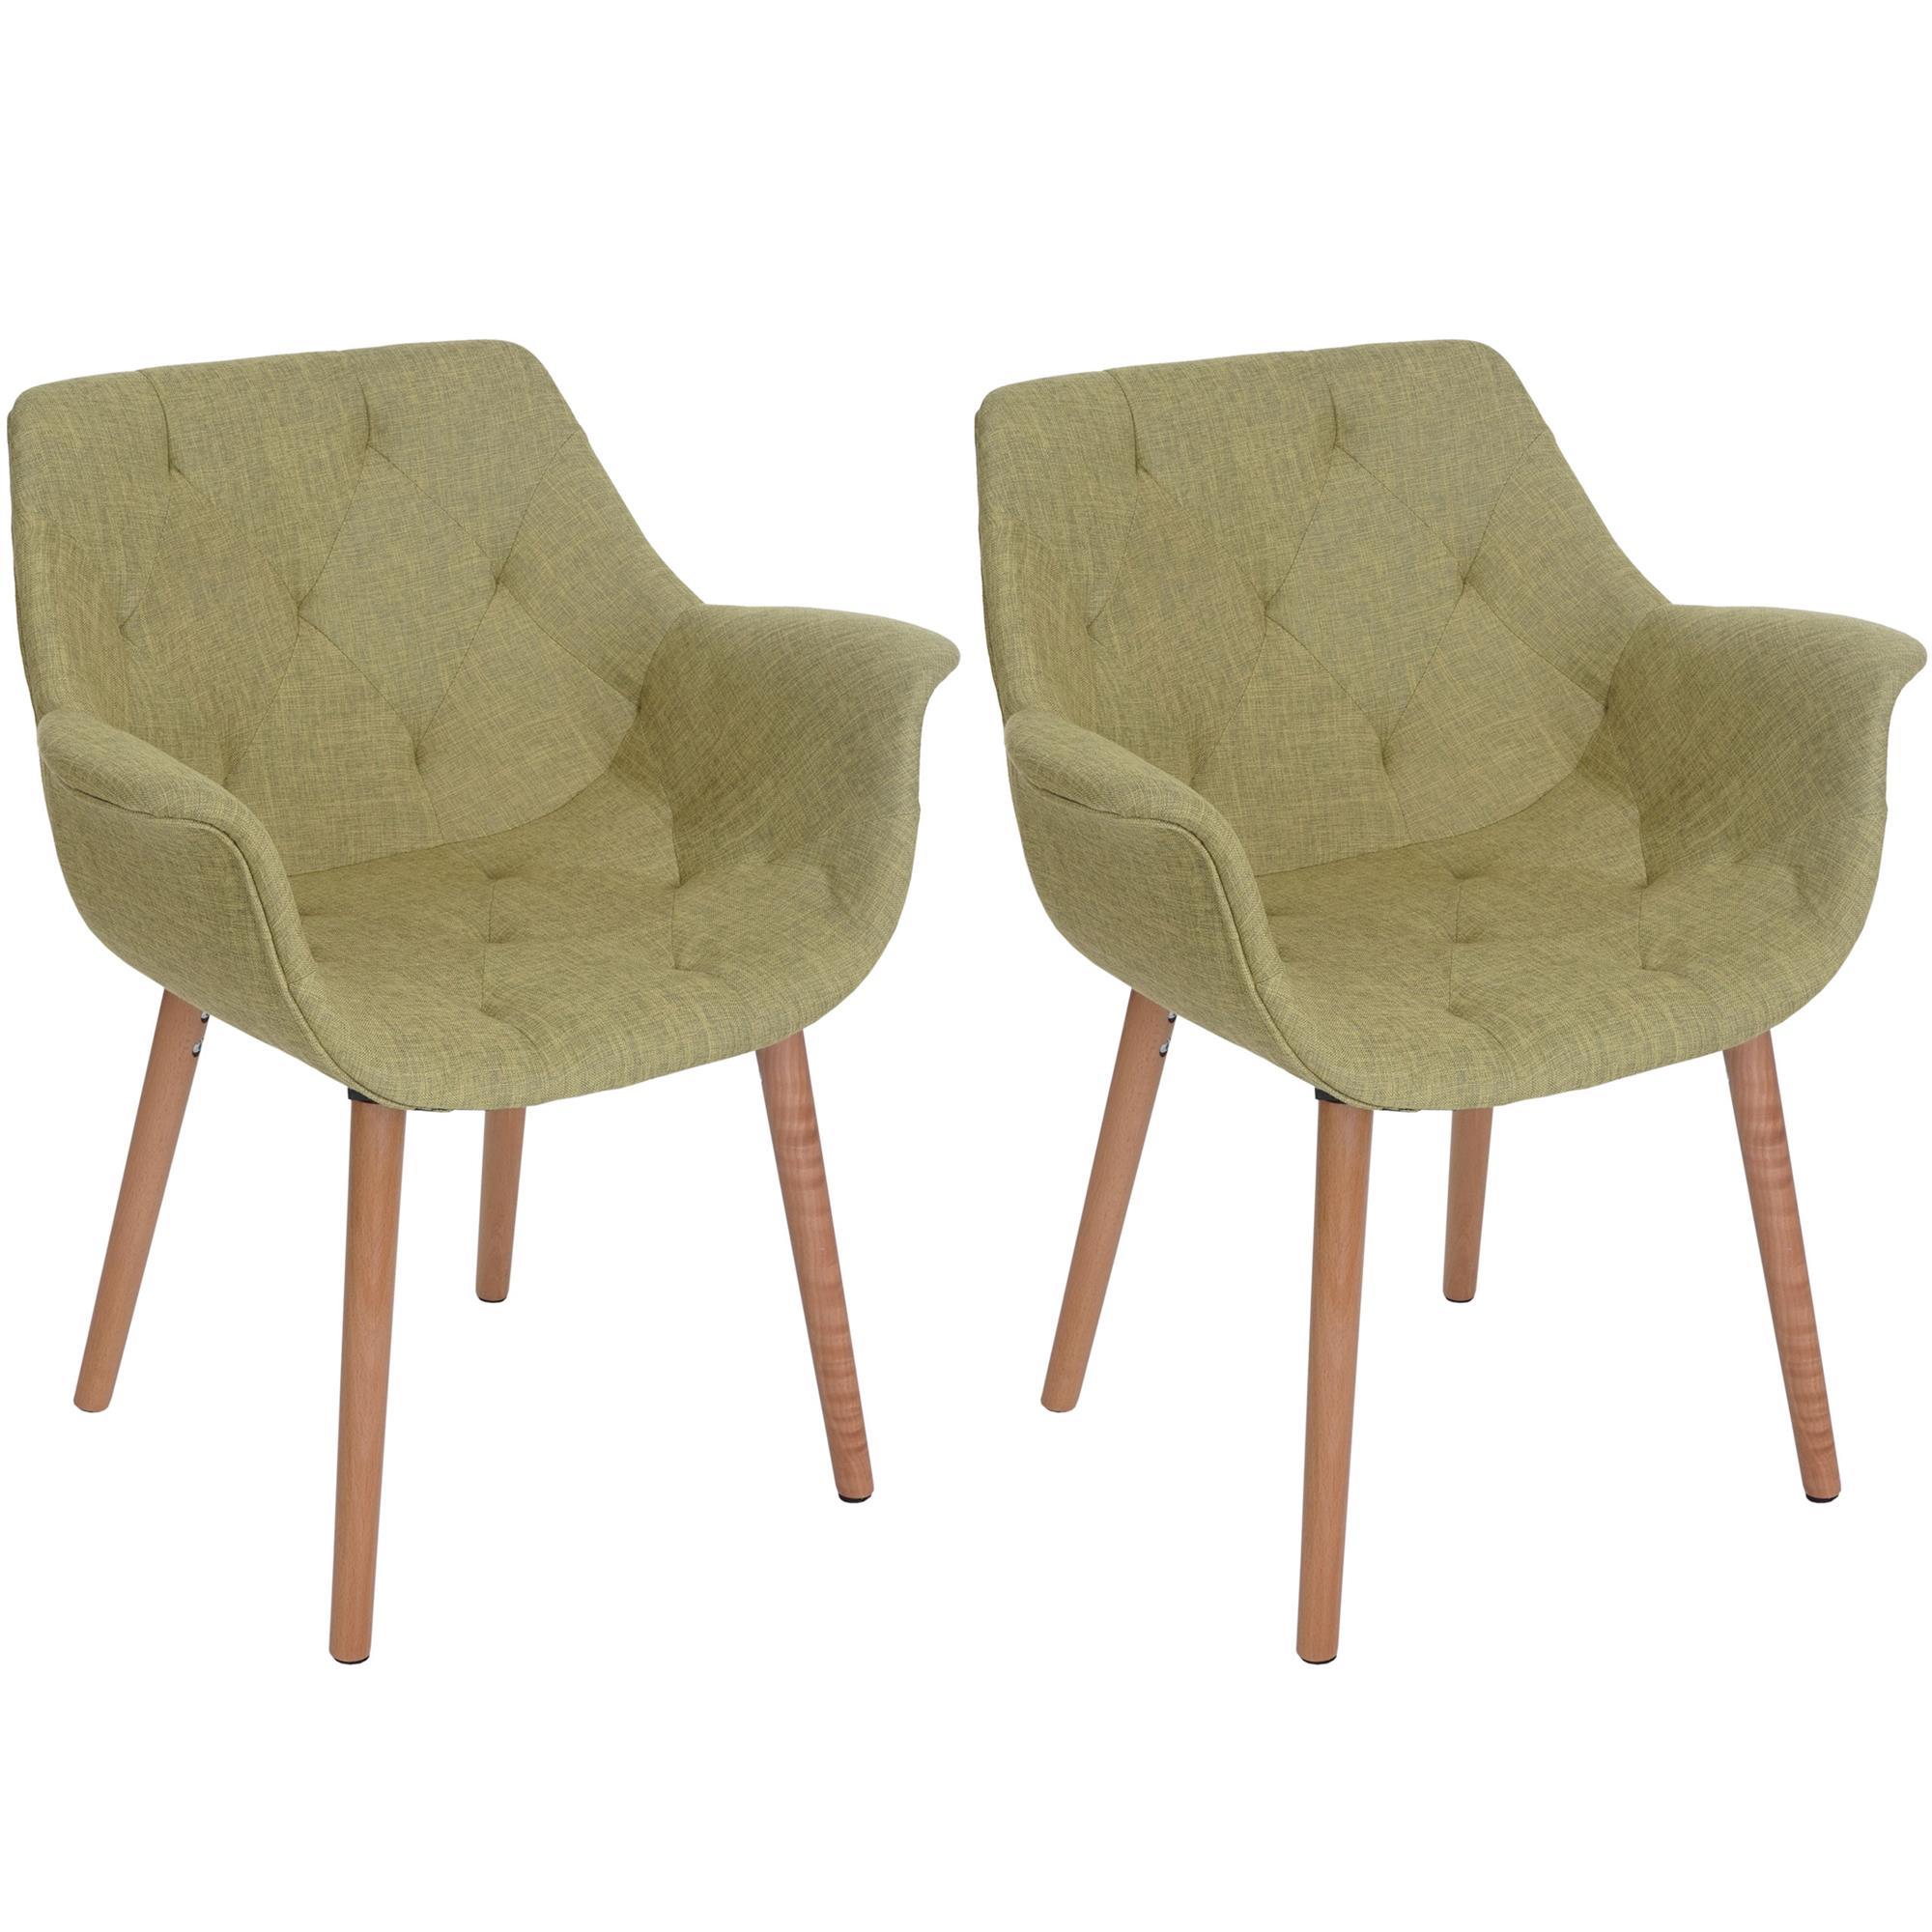 Lote 2 sillas de comedor alber tela estilo retro en verde for Sillas de tela comedor